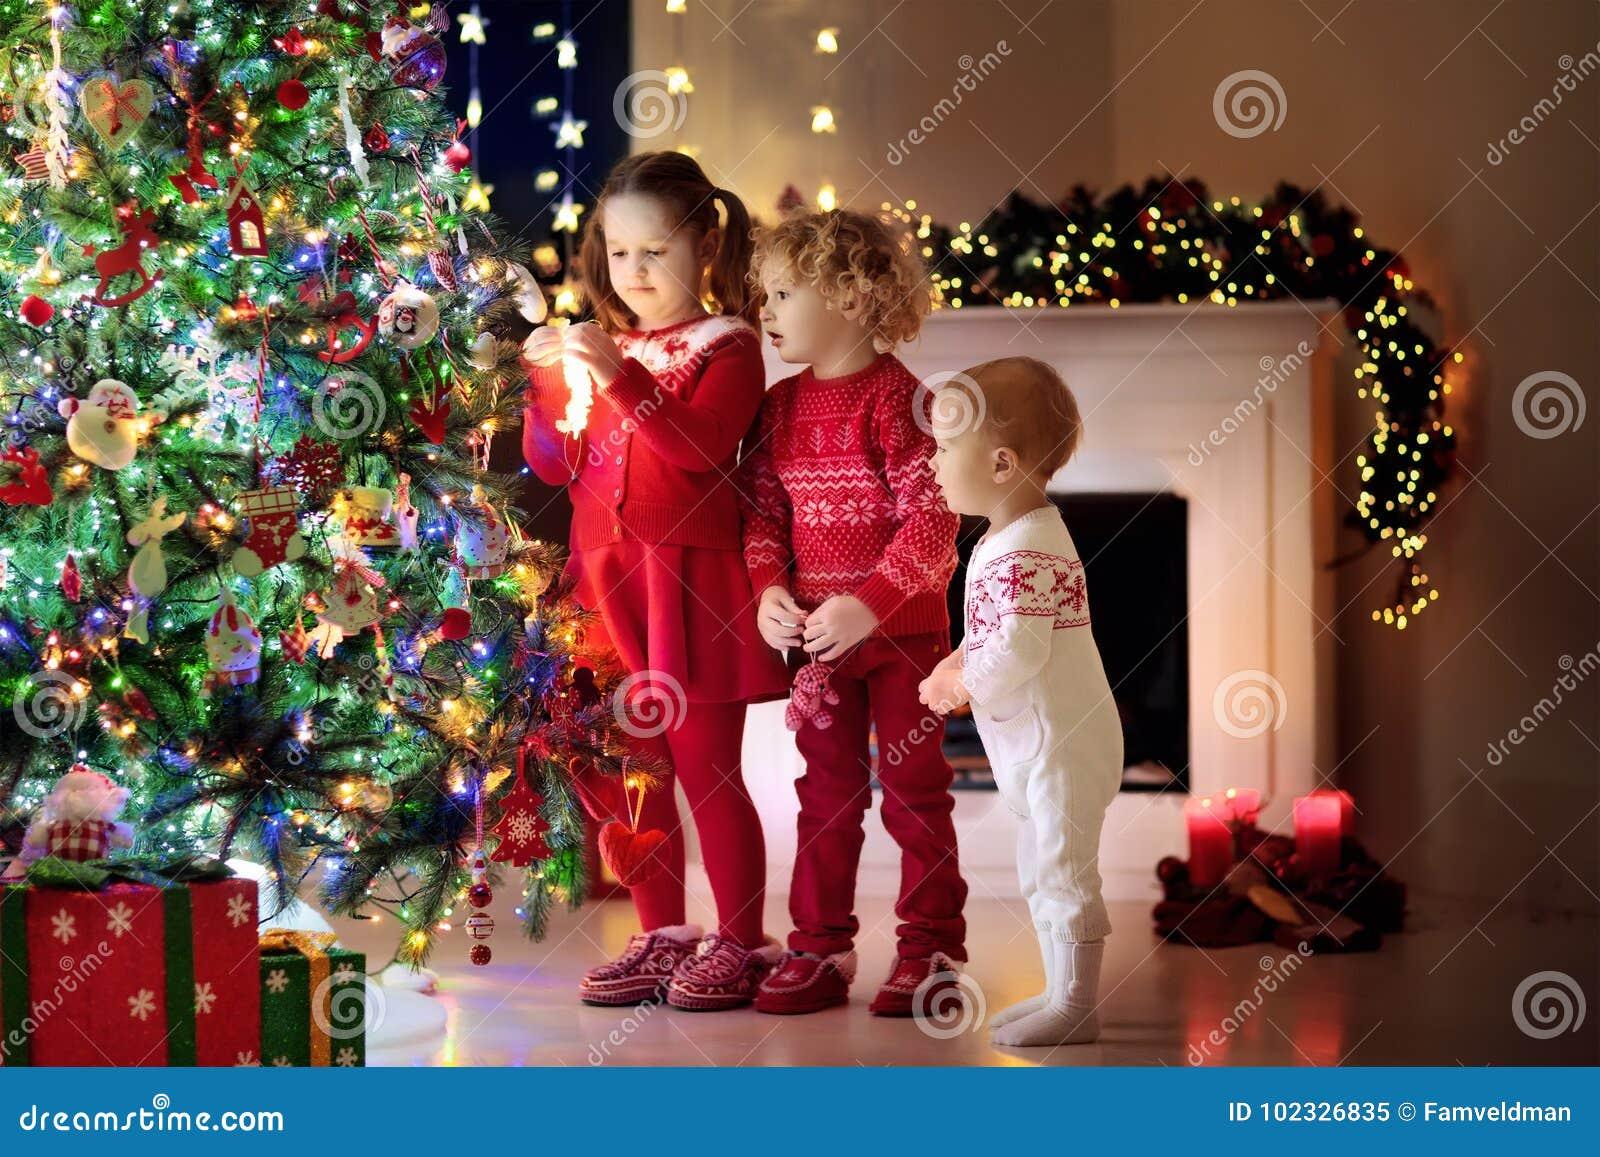 Παιδιά στο χριστουγεννιάτικο δέντρο Παιδιά στην εστία στην παραμονή Χριστουγέννων